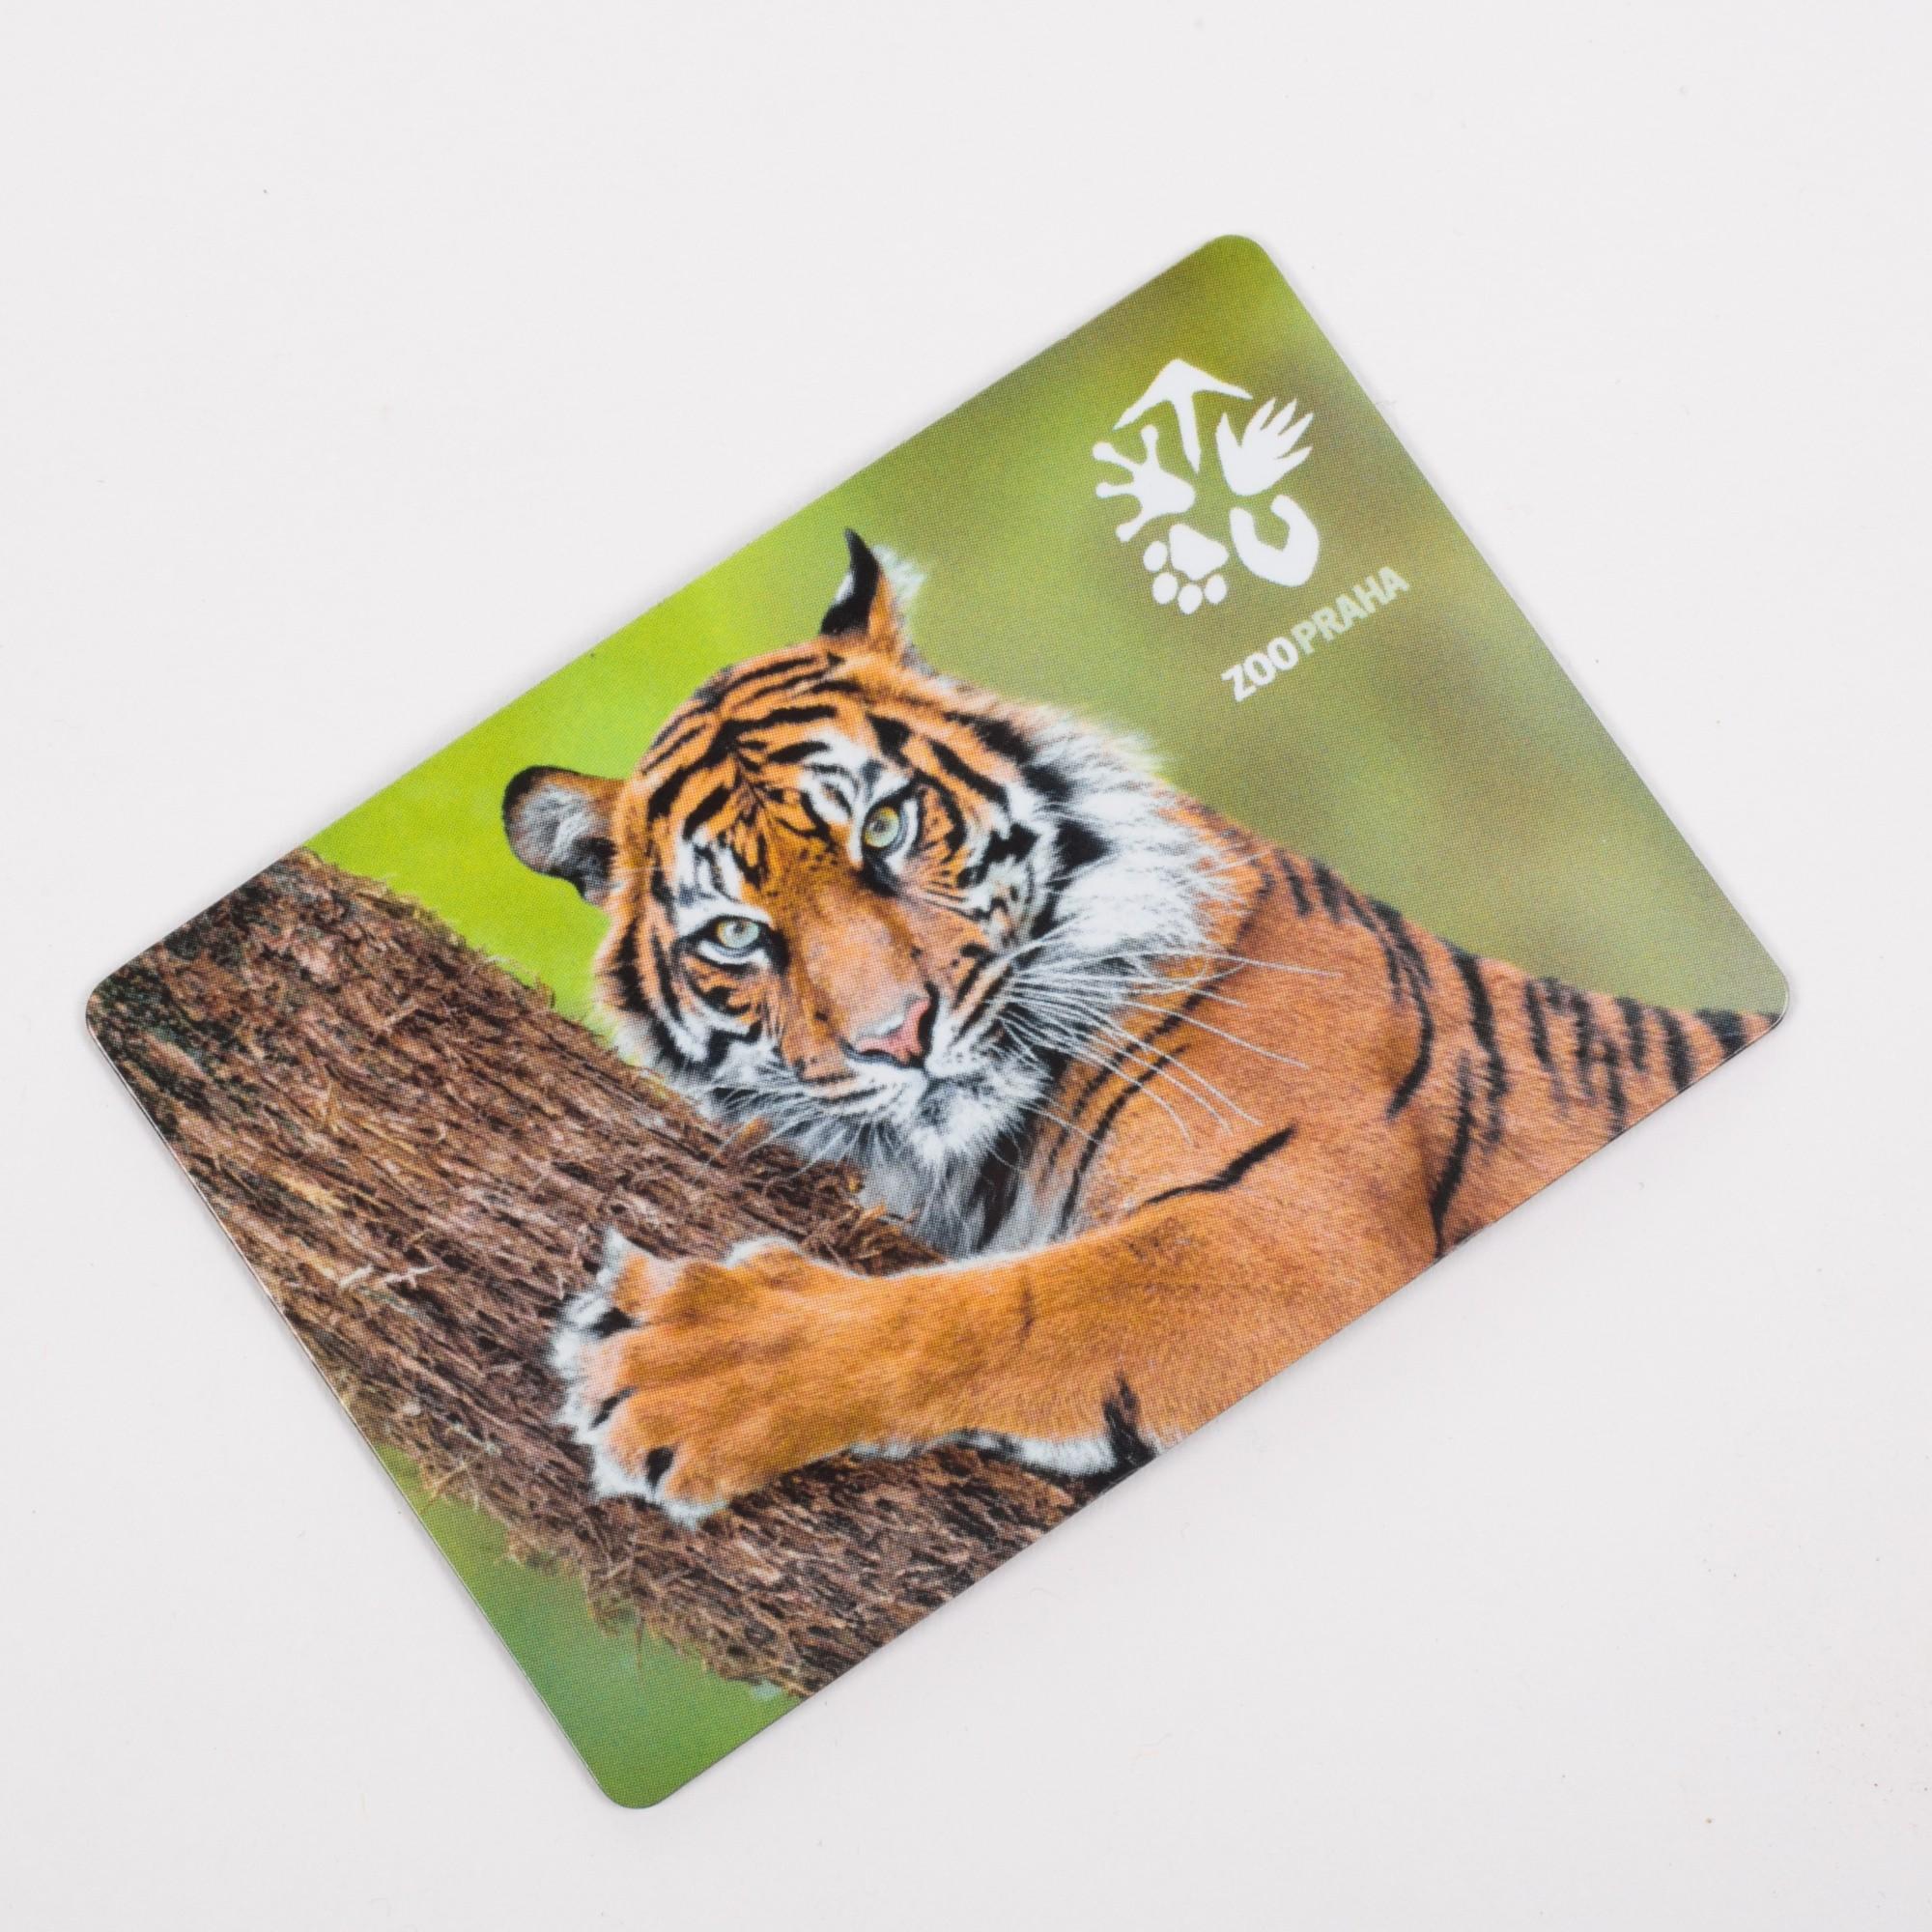 Magnetka s motivem tygra